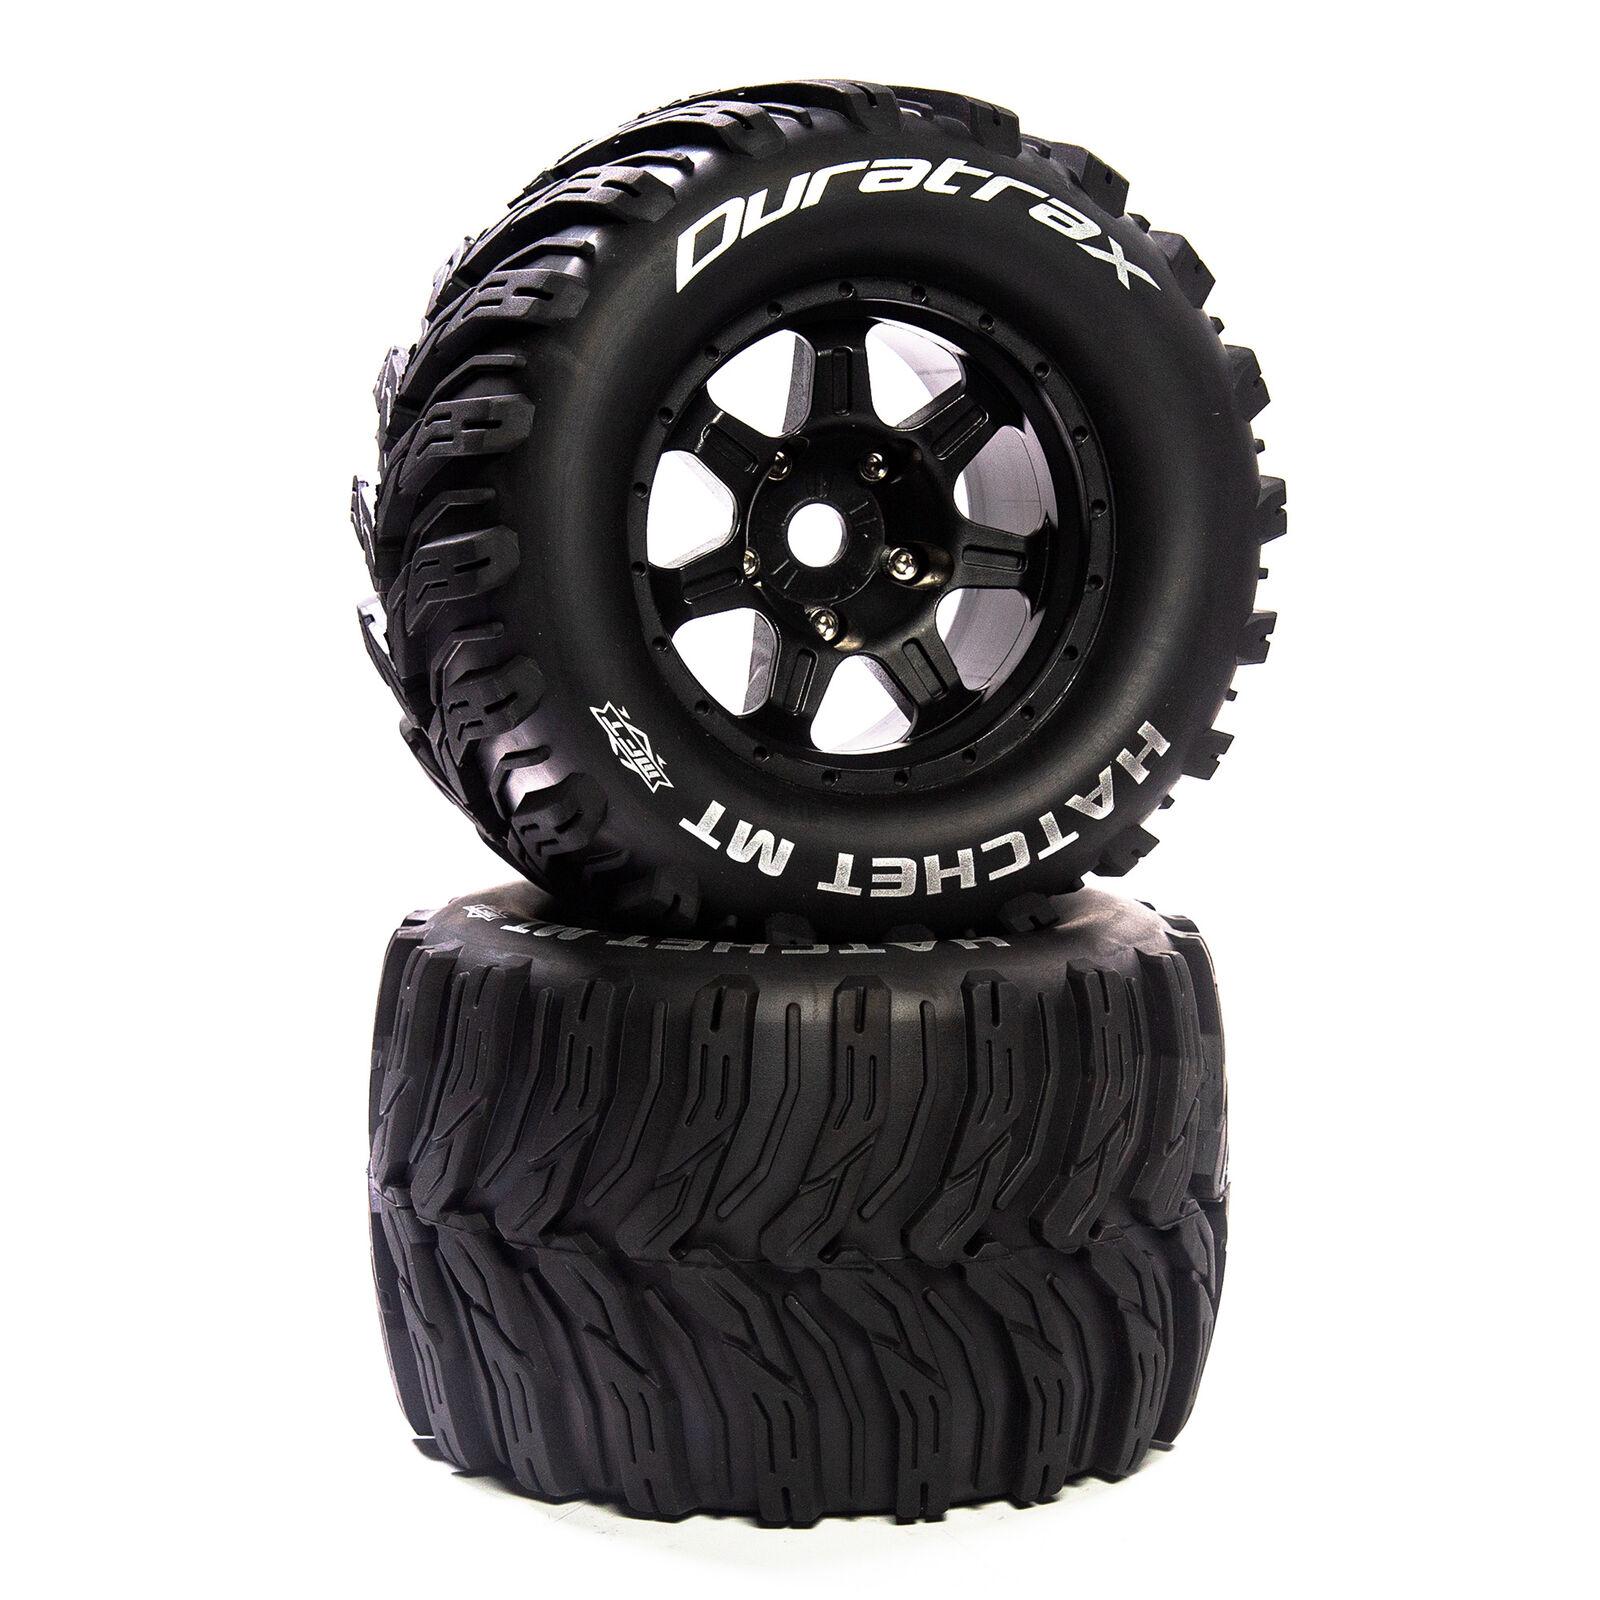 """Hatchet MT Belt 3.8"""" Mounted Front/Rear Tires .5 Offset 17mm, Black (2)"""